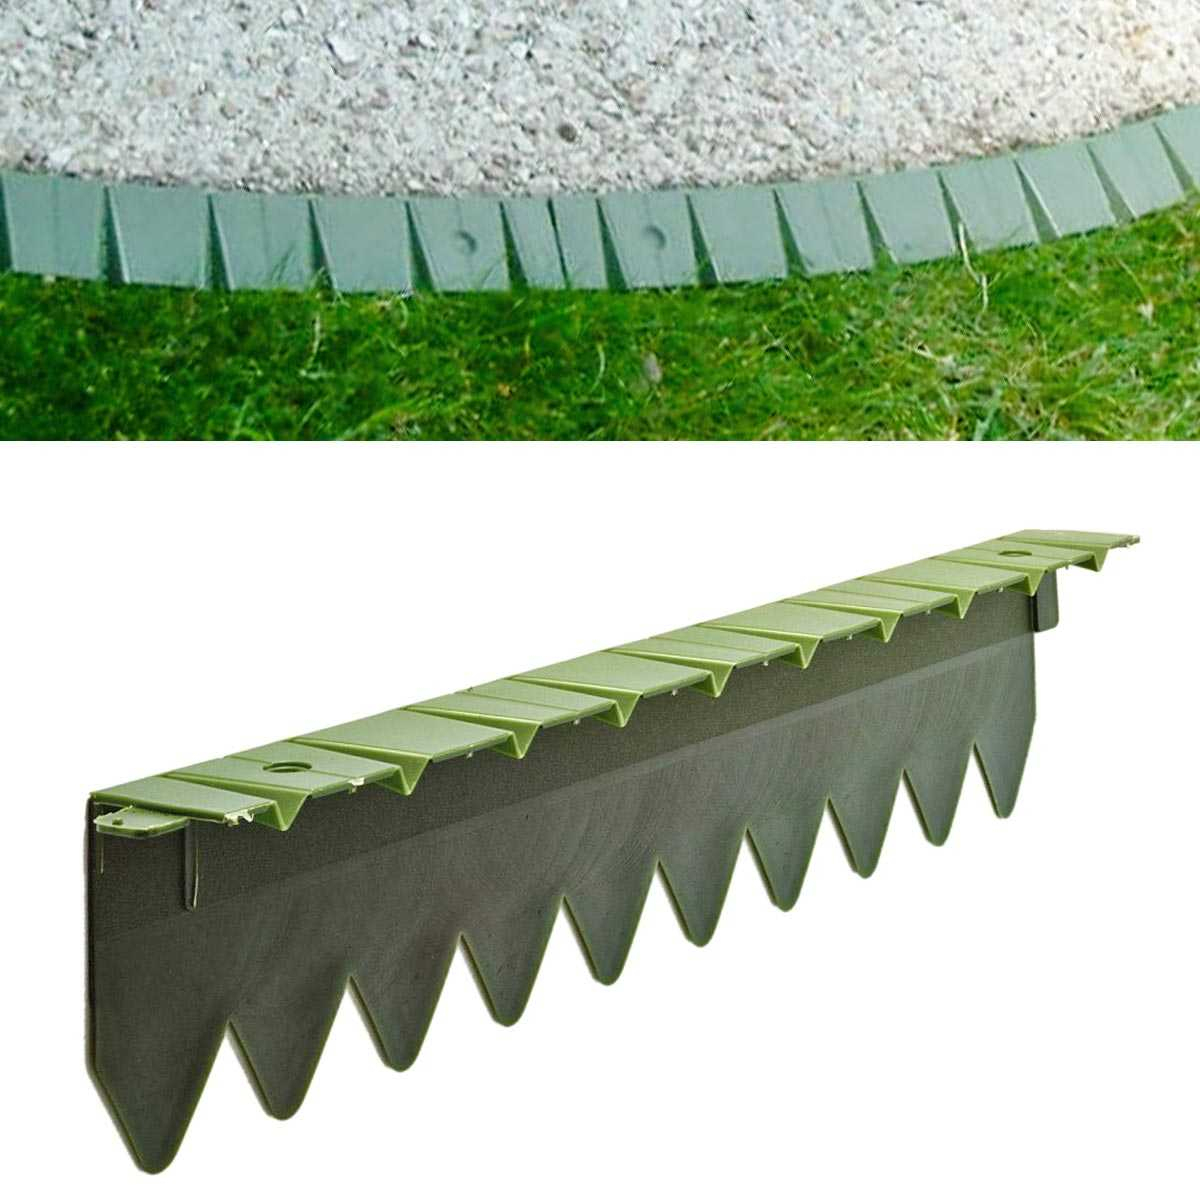 Bordurette Pelouse Flexible En Plastique 6X50Cm pour Bordure De Jardin En Plastique